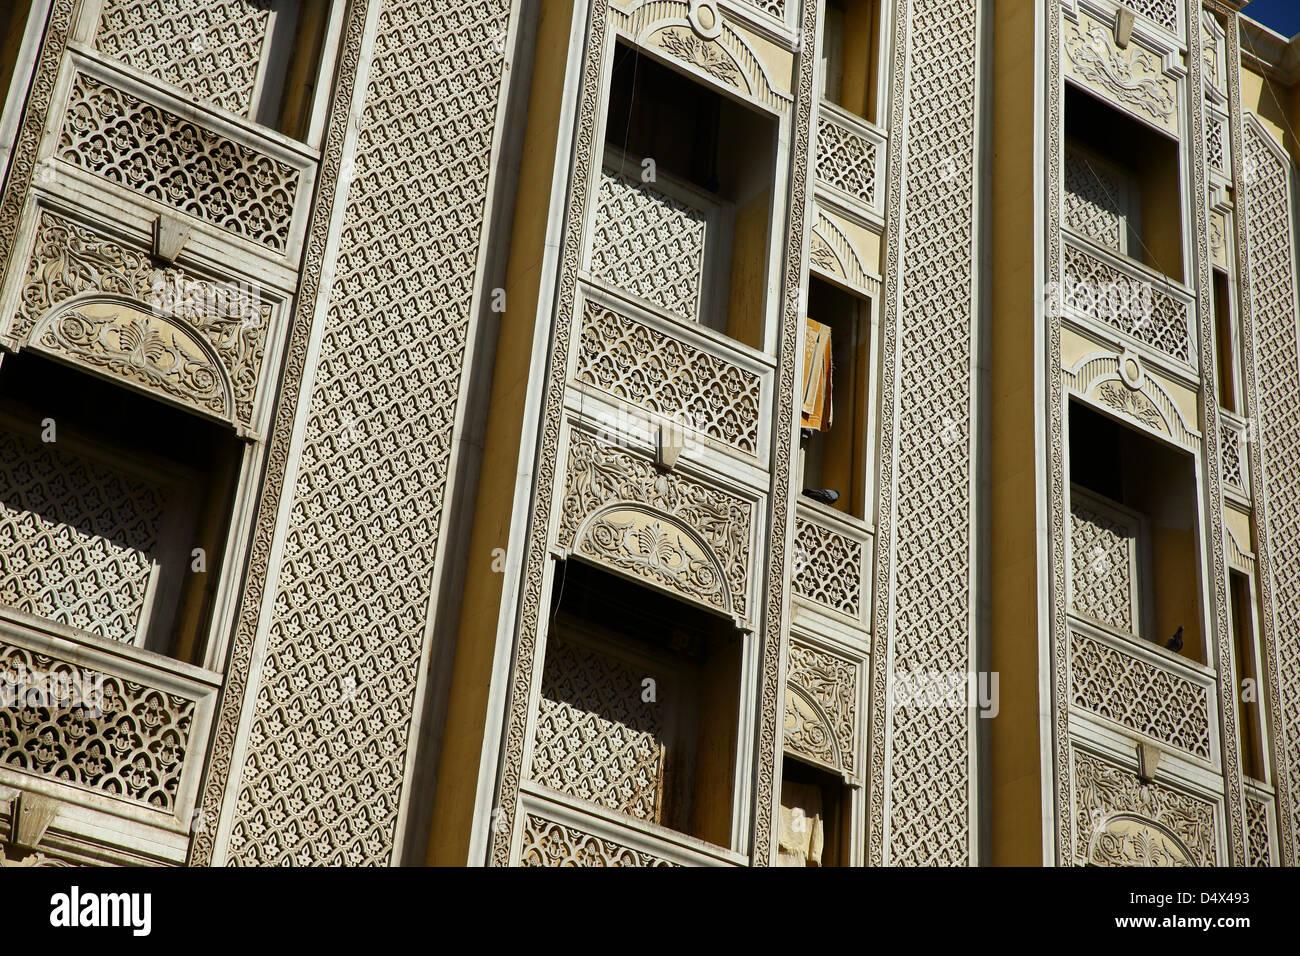 Detalle arquitectónico, Dubai, Emiratos Árabes Unidos. Imagen De Stock